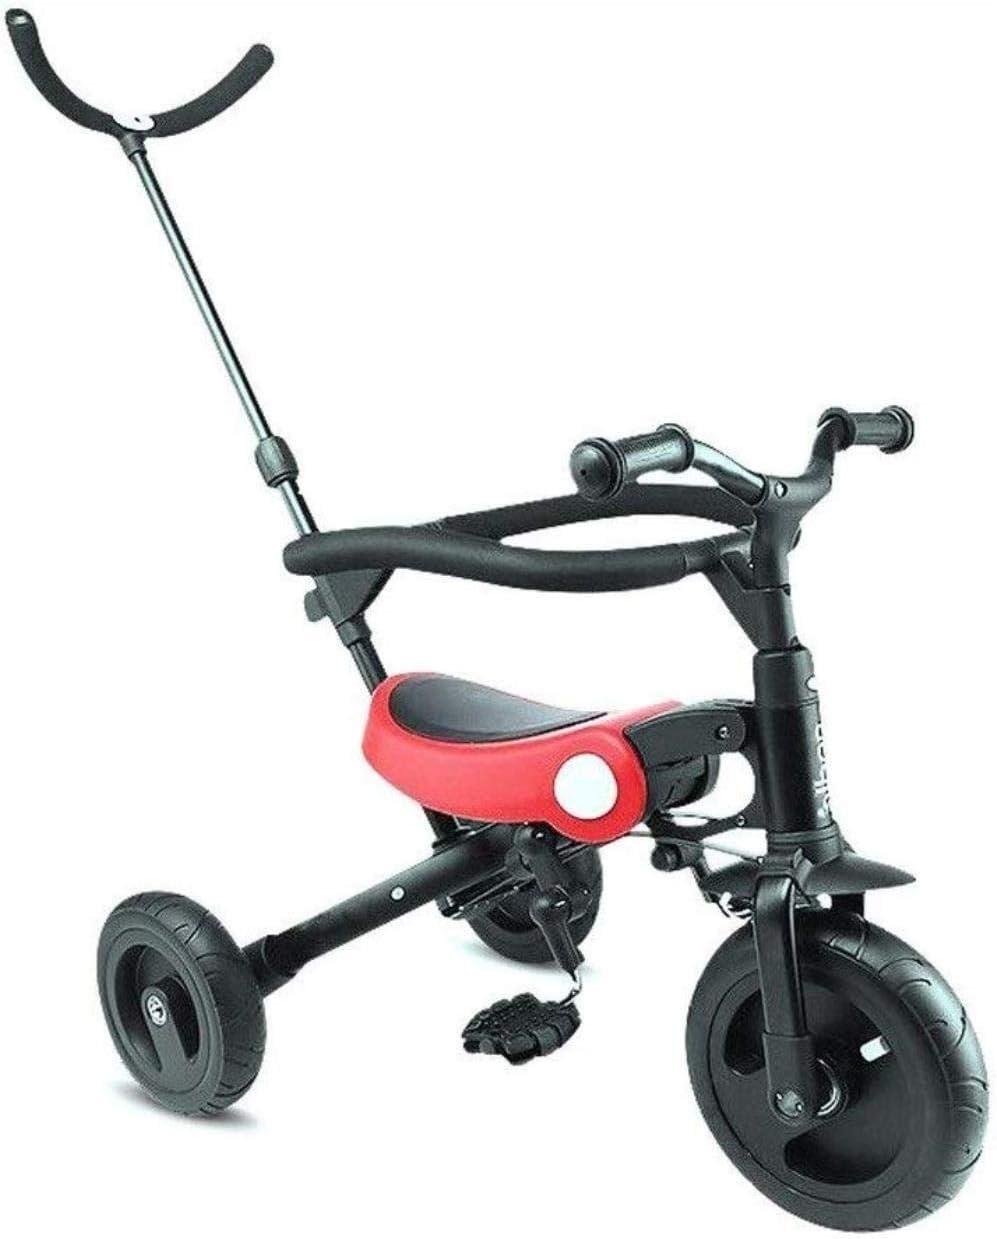 Sillas de paseo Del caballo mecedora de triciclos los niños de los niños del triciclo bicicleta de equilibrio conveniente for 1-3-5 de bebé de los años cochecito infantil de bicicletas Triple Carritos